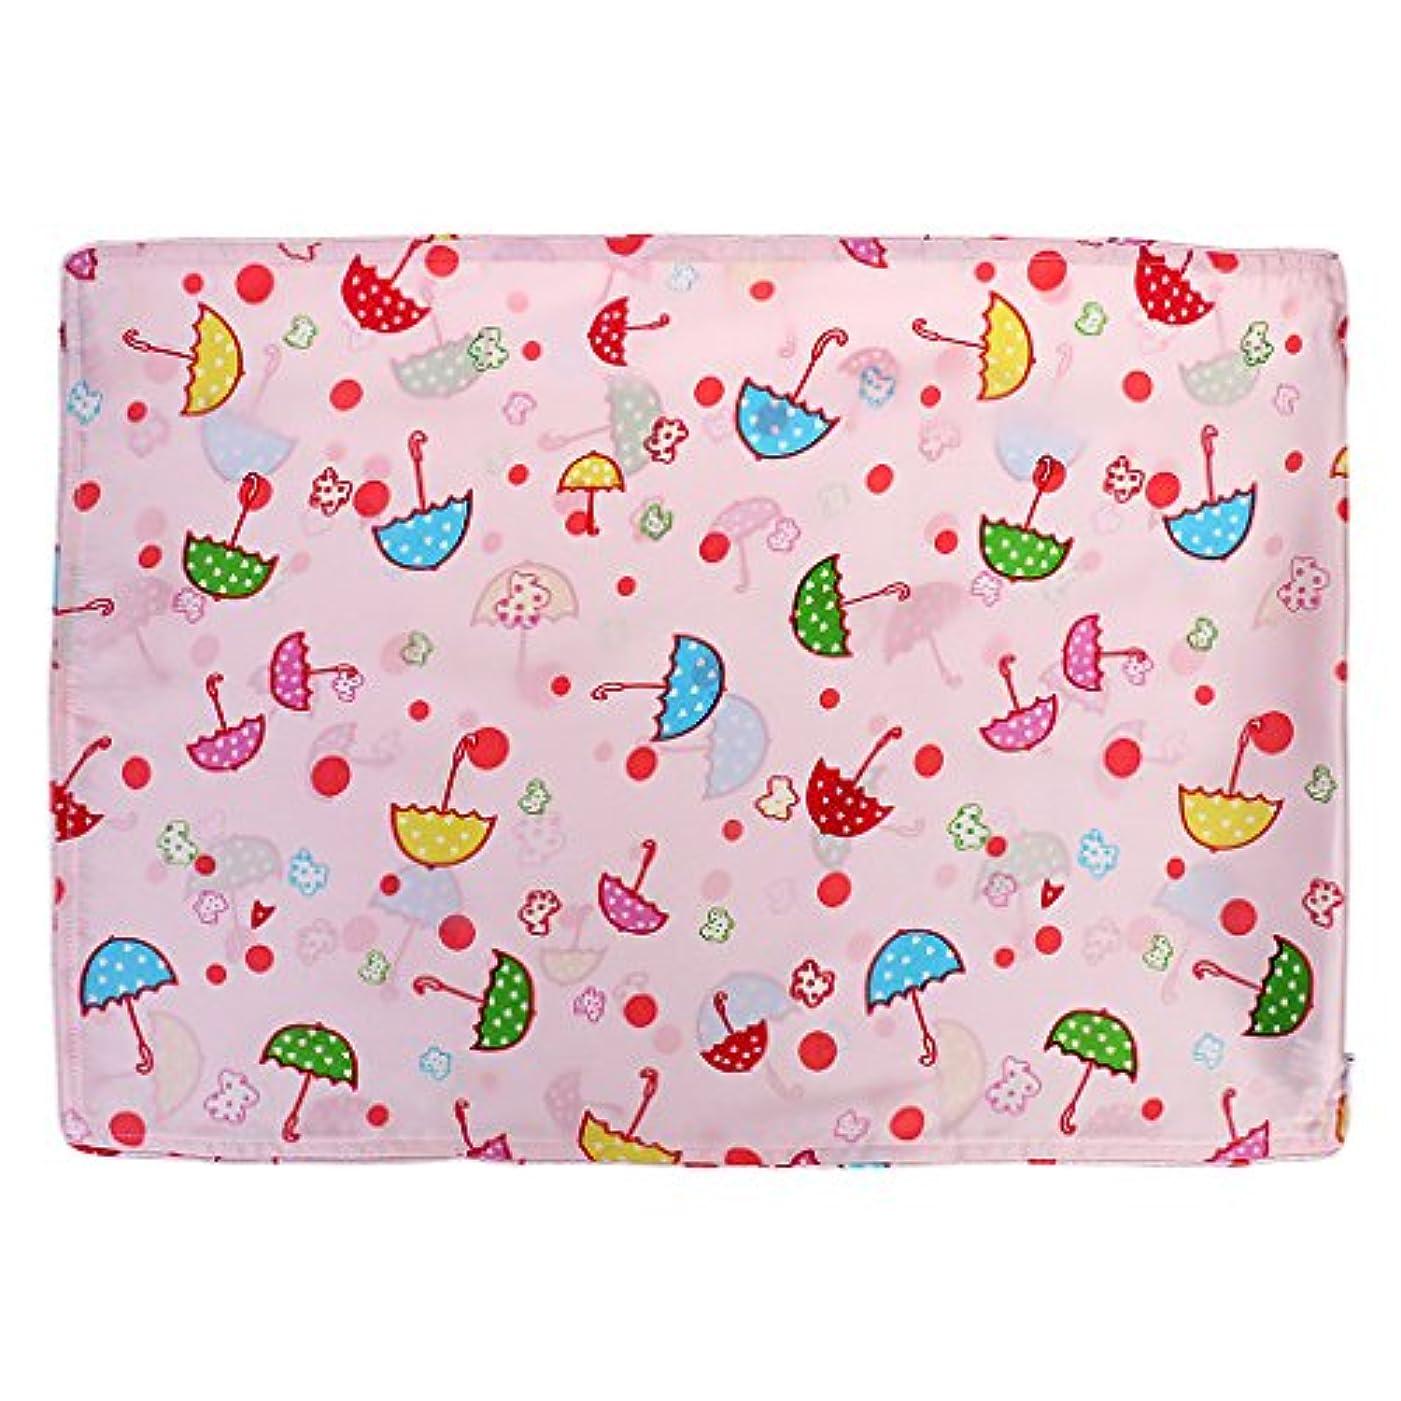 休憩アクション石灰岩かわいい赤ちゃんキッズ100%シルクサテン両面枕カバー30 * 45センチメートル傘ピンク